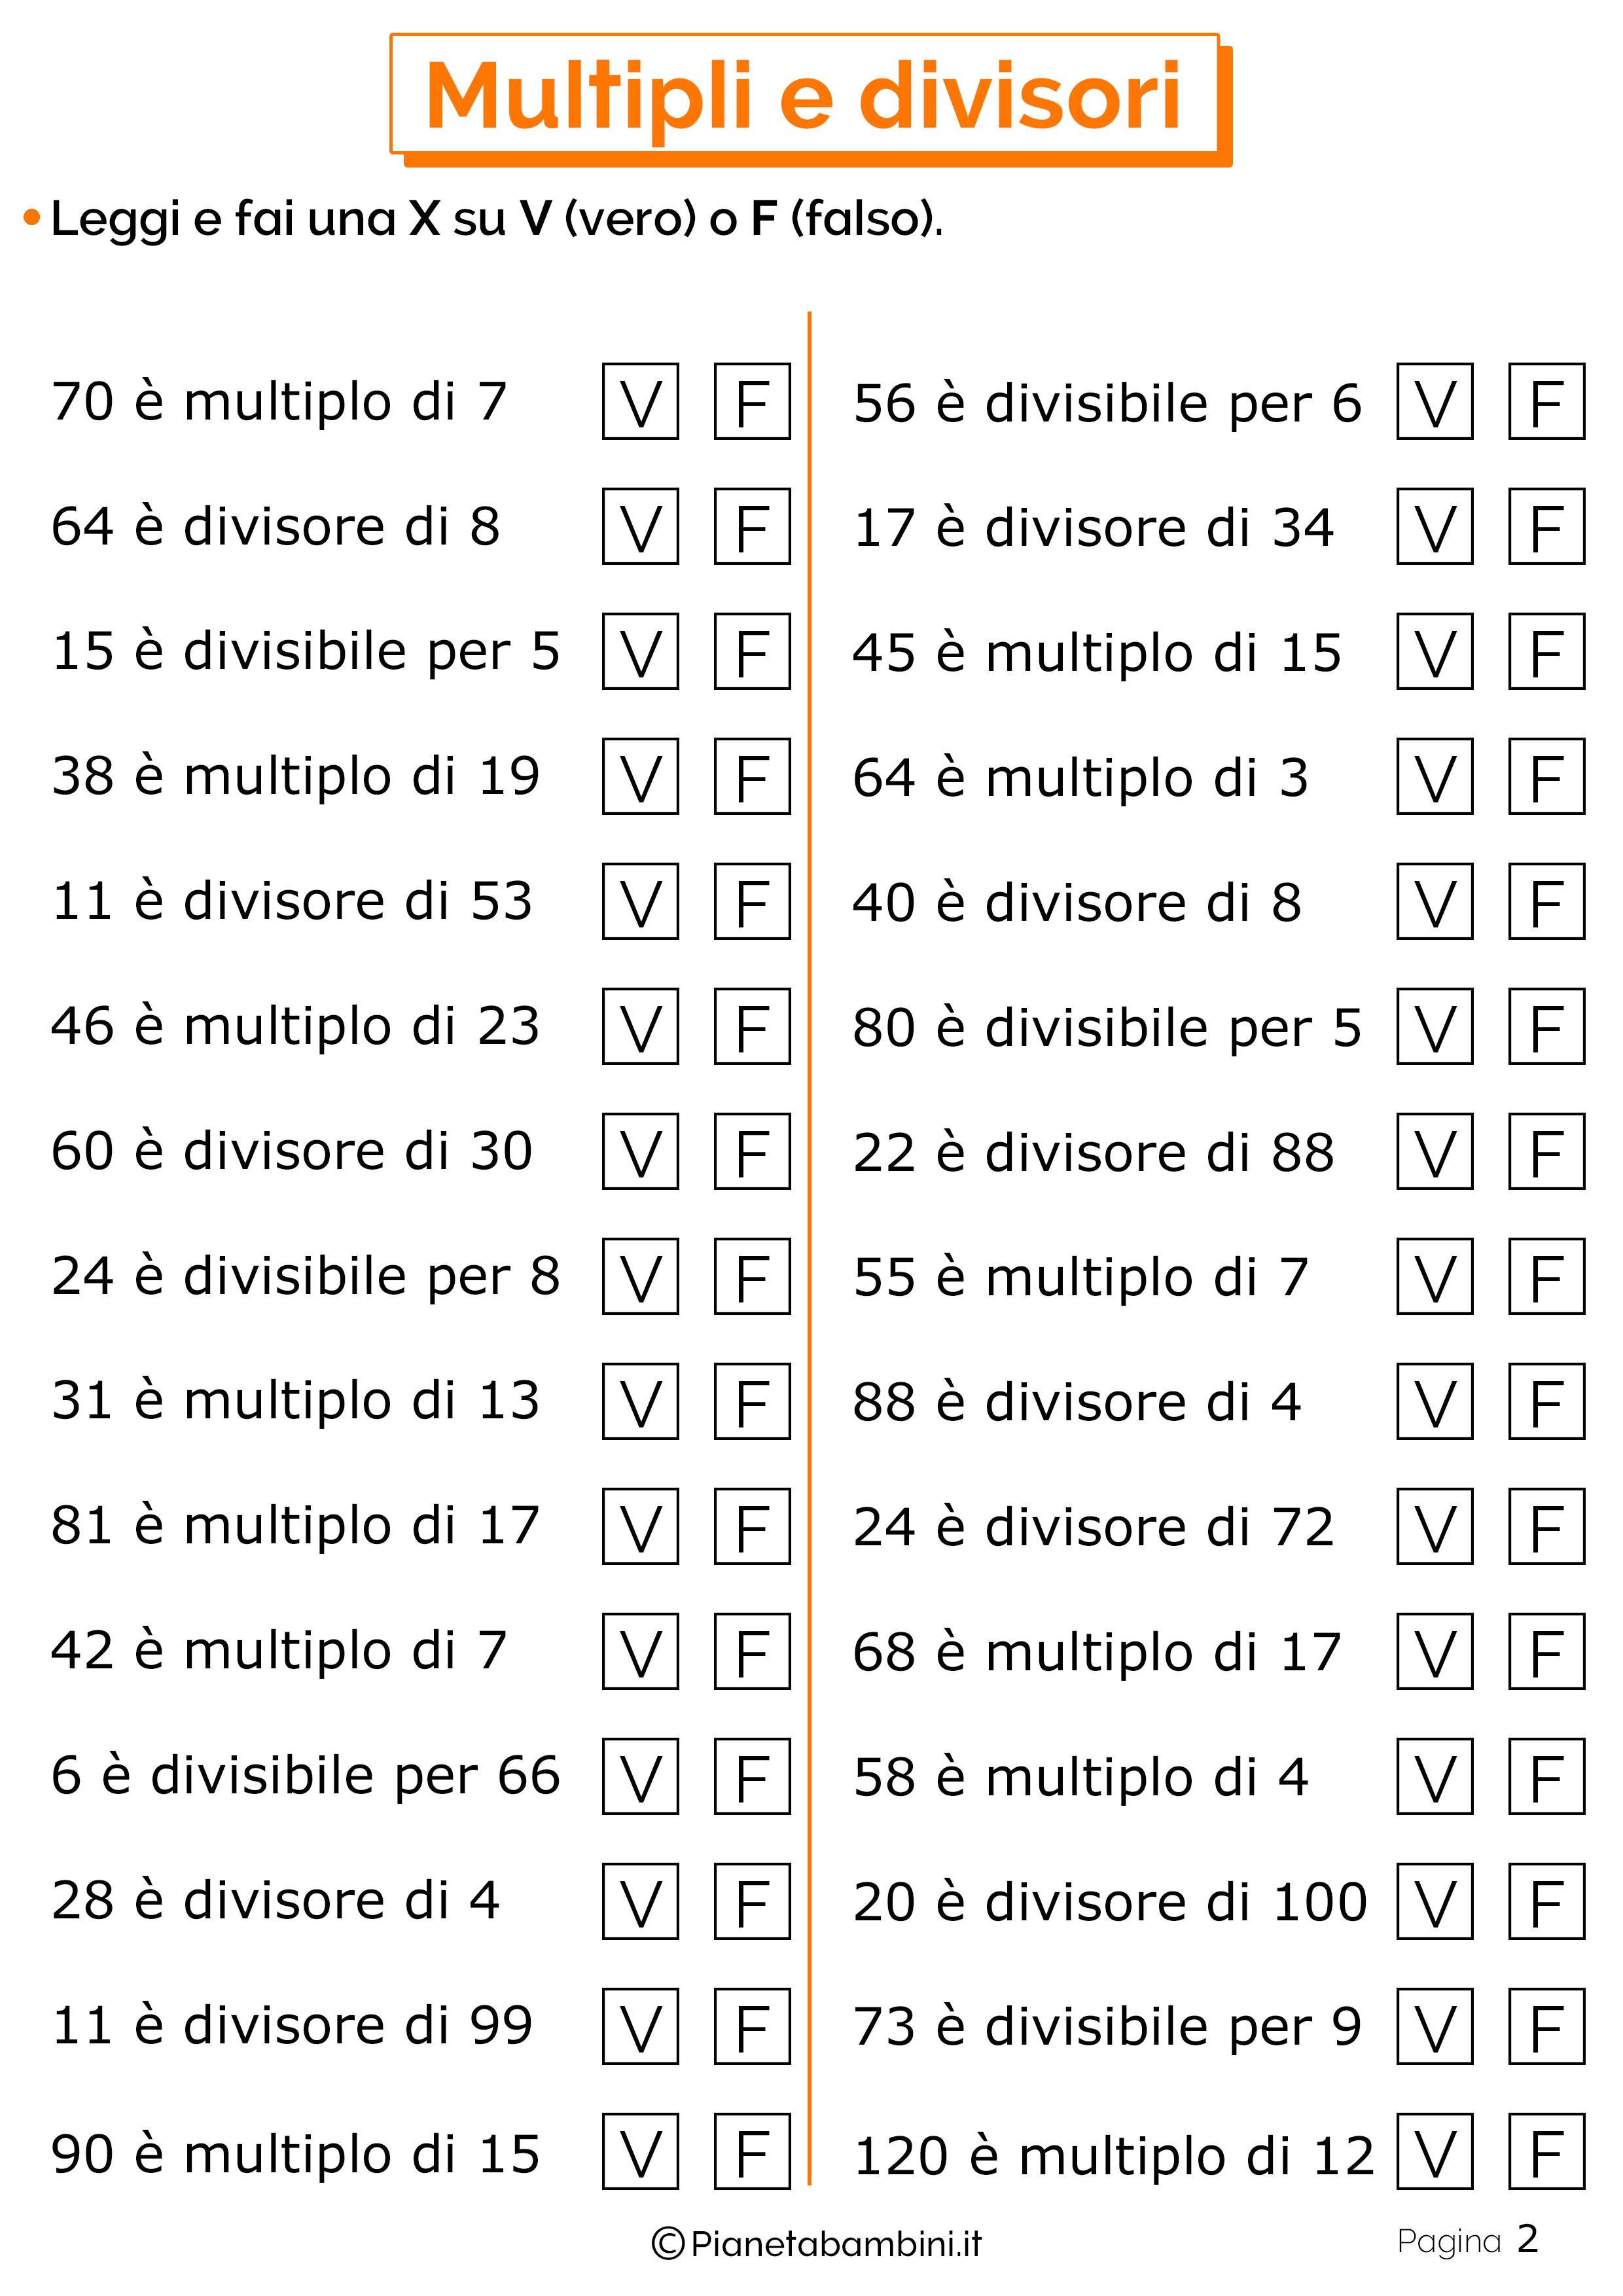 Schede didattiche su multipli e divisori 2